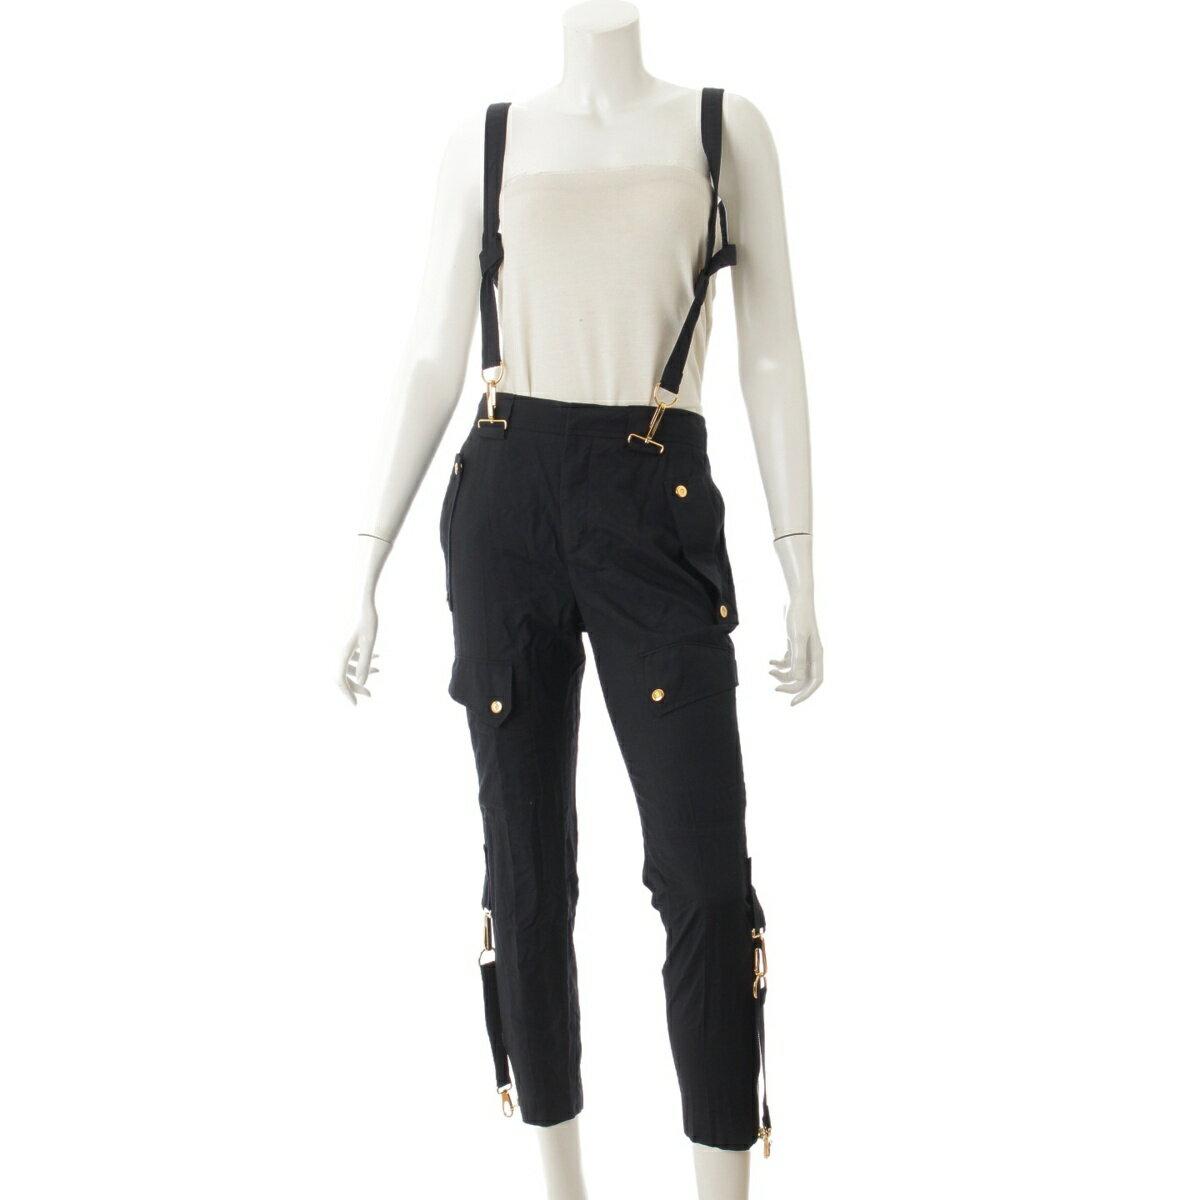 【グッチ】Gucci ストラップ パンツ ブラック 36 【中古】【鑑定済・正規品保証】60471